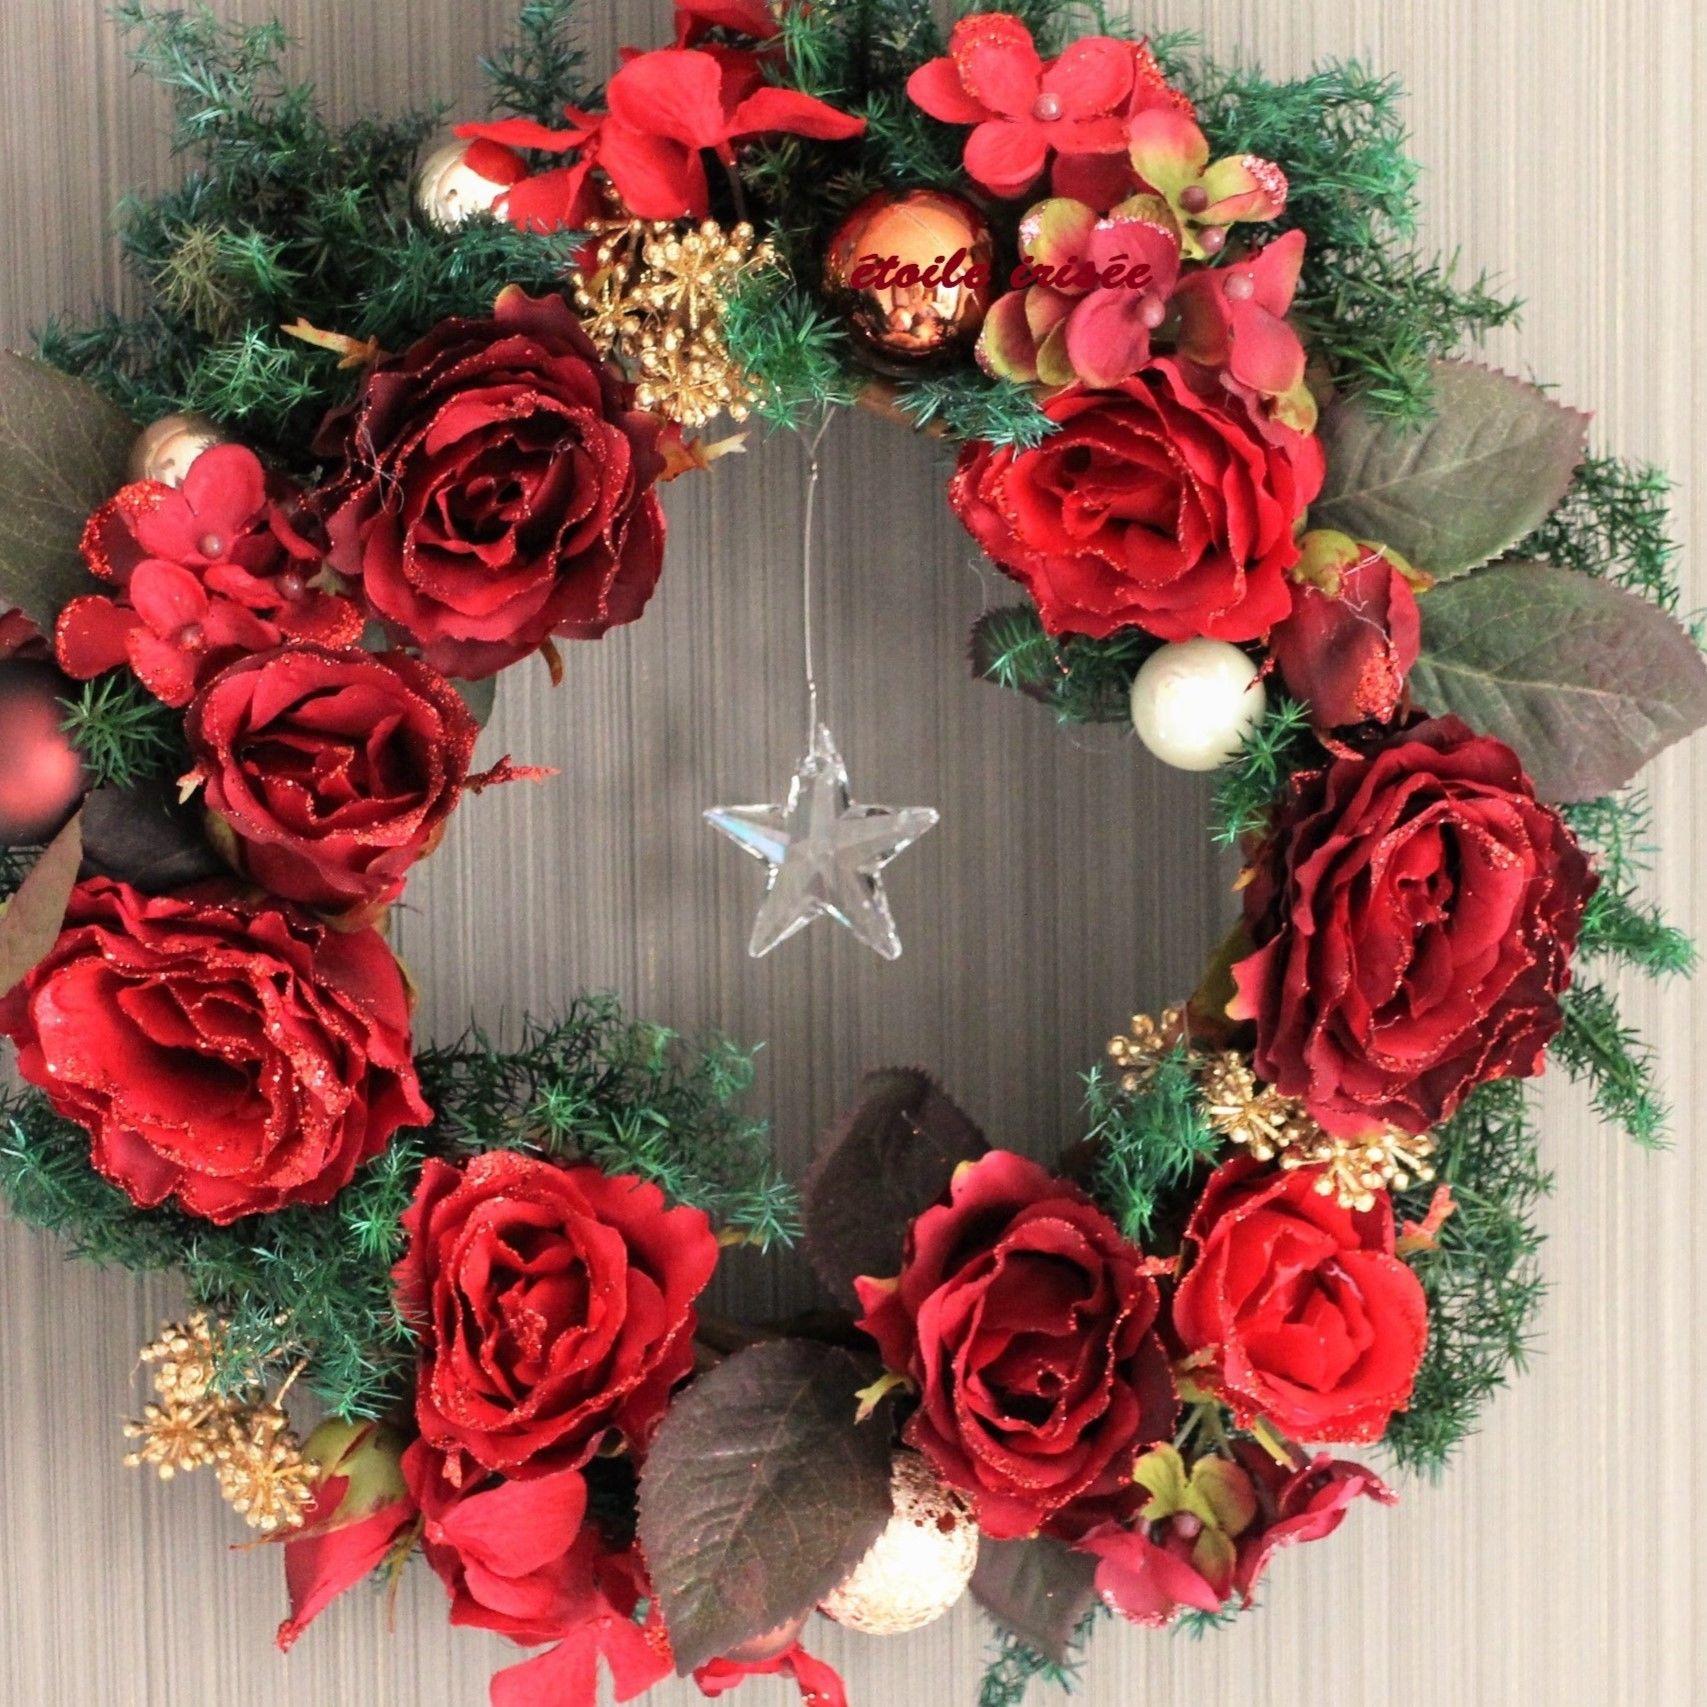 【クリスマス】星降る薔薇のリース